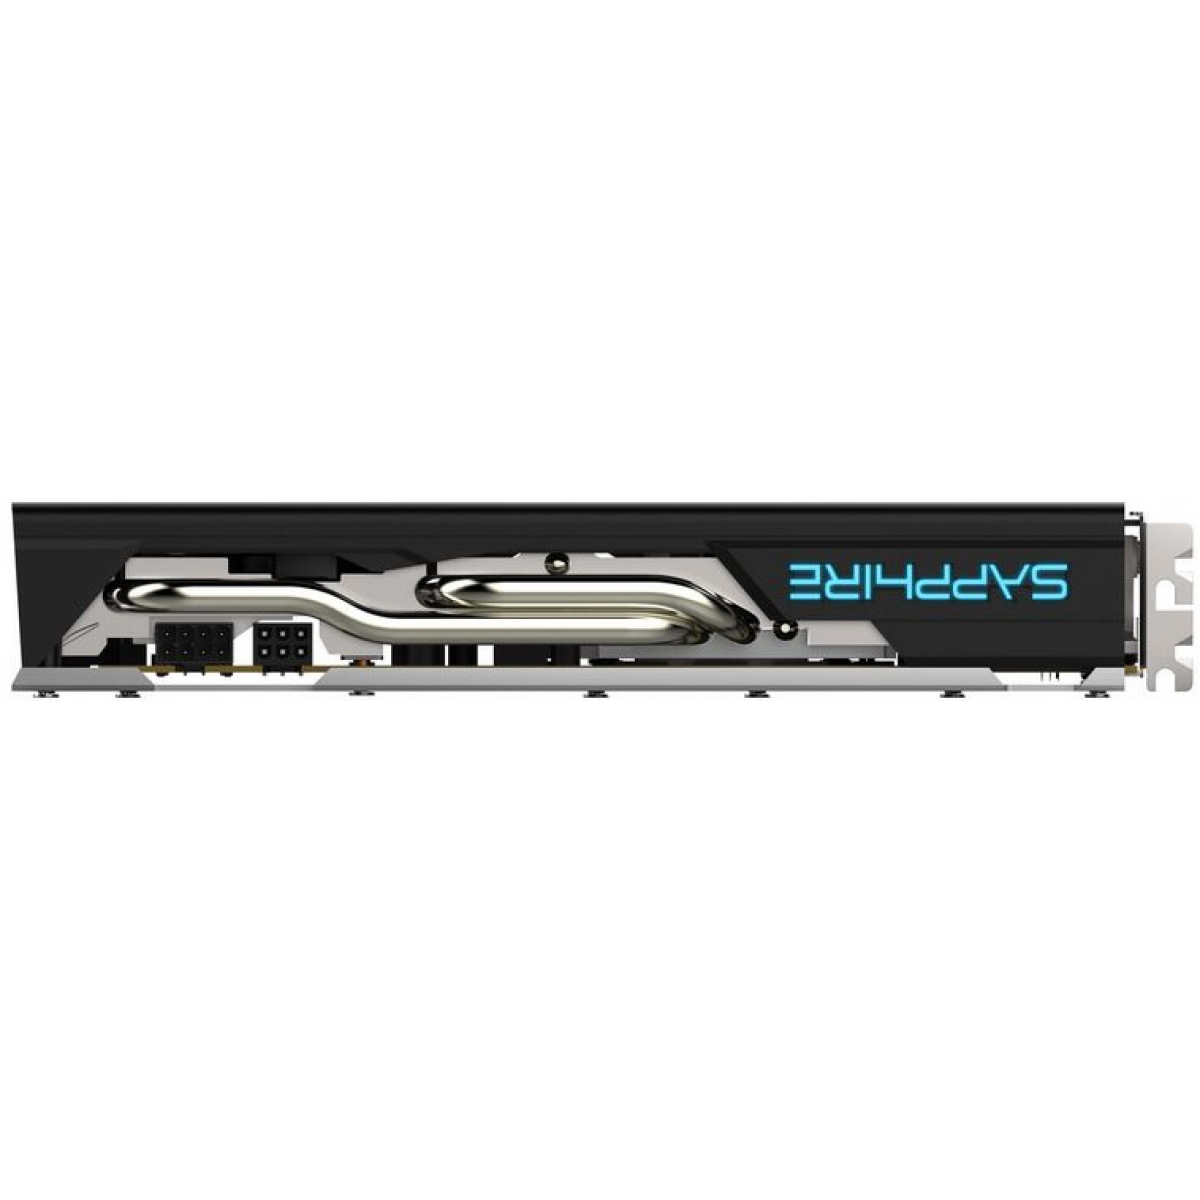 Placa de Vídeo Sapphire Radeon RX 580 Nitro+ Dual, 8GB GDDR5, 256Bit, 11265-01-20G